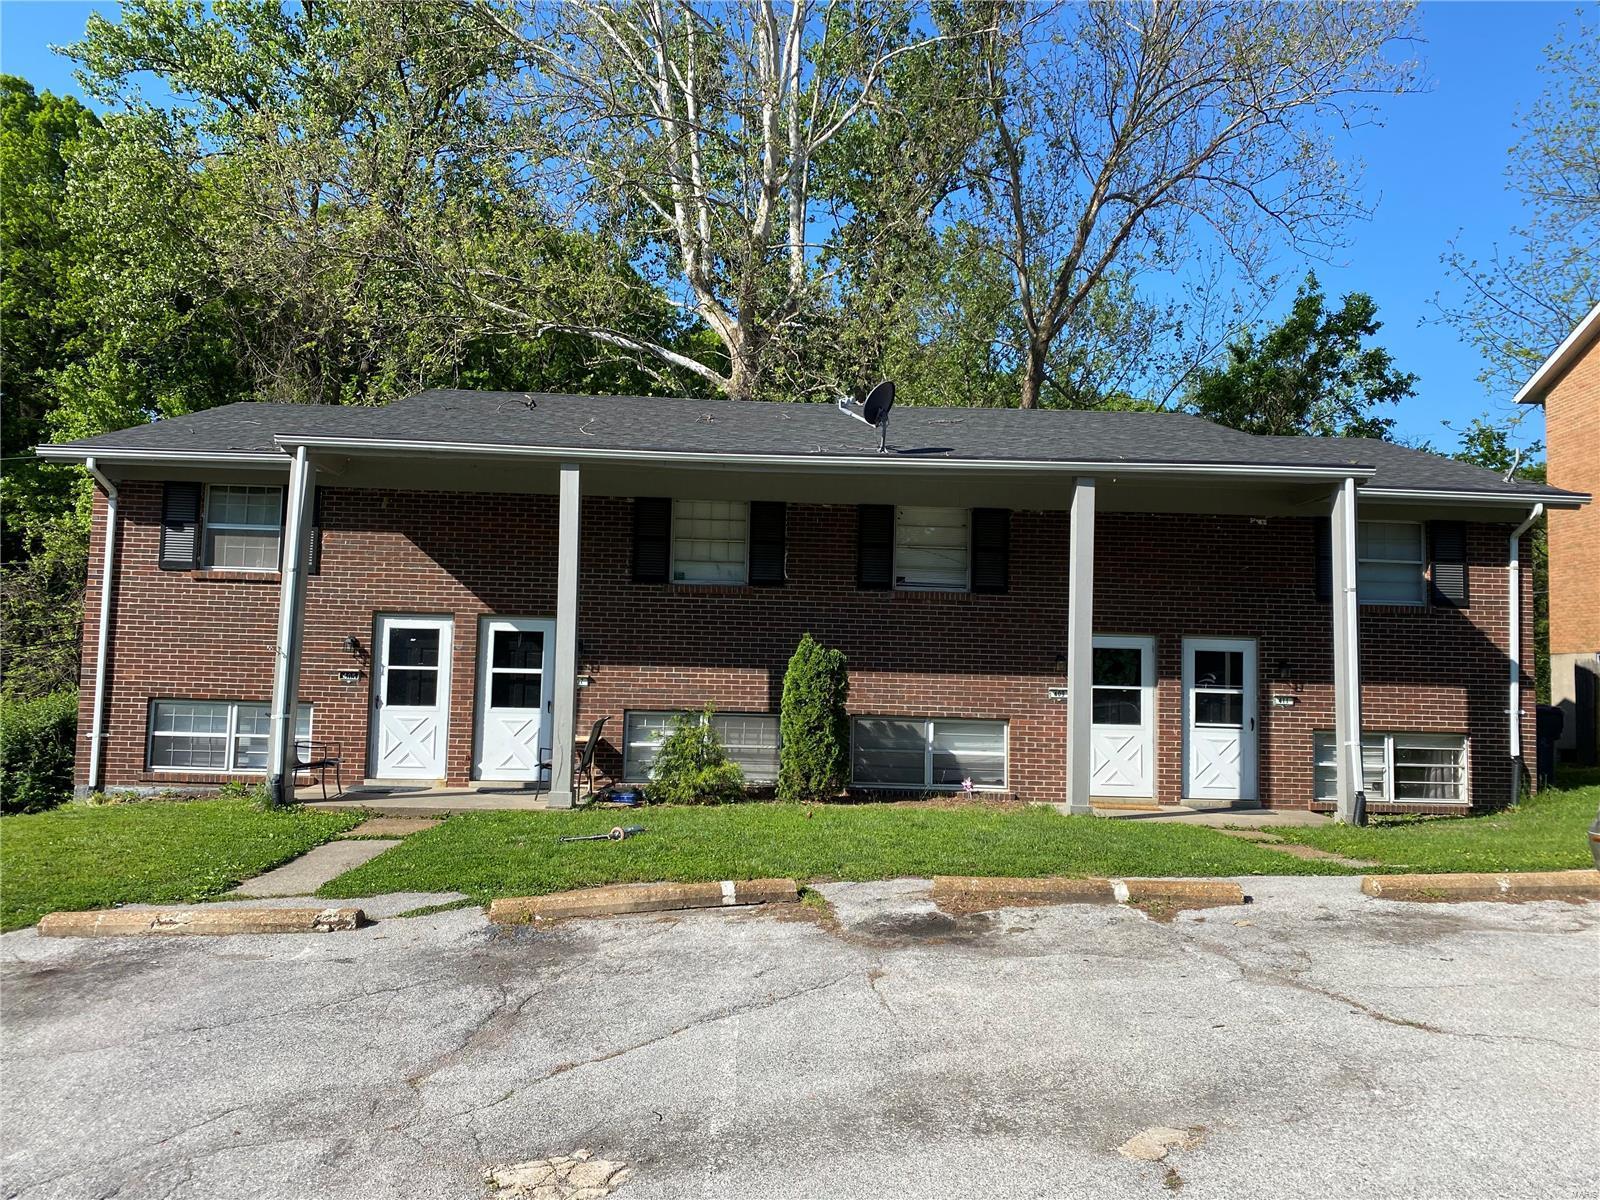 405 San Juan Property Photo